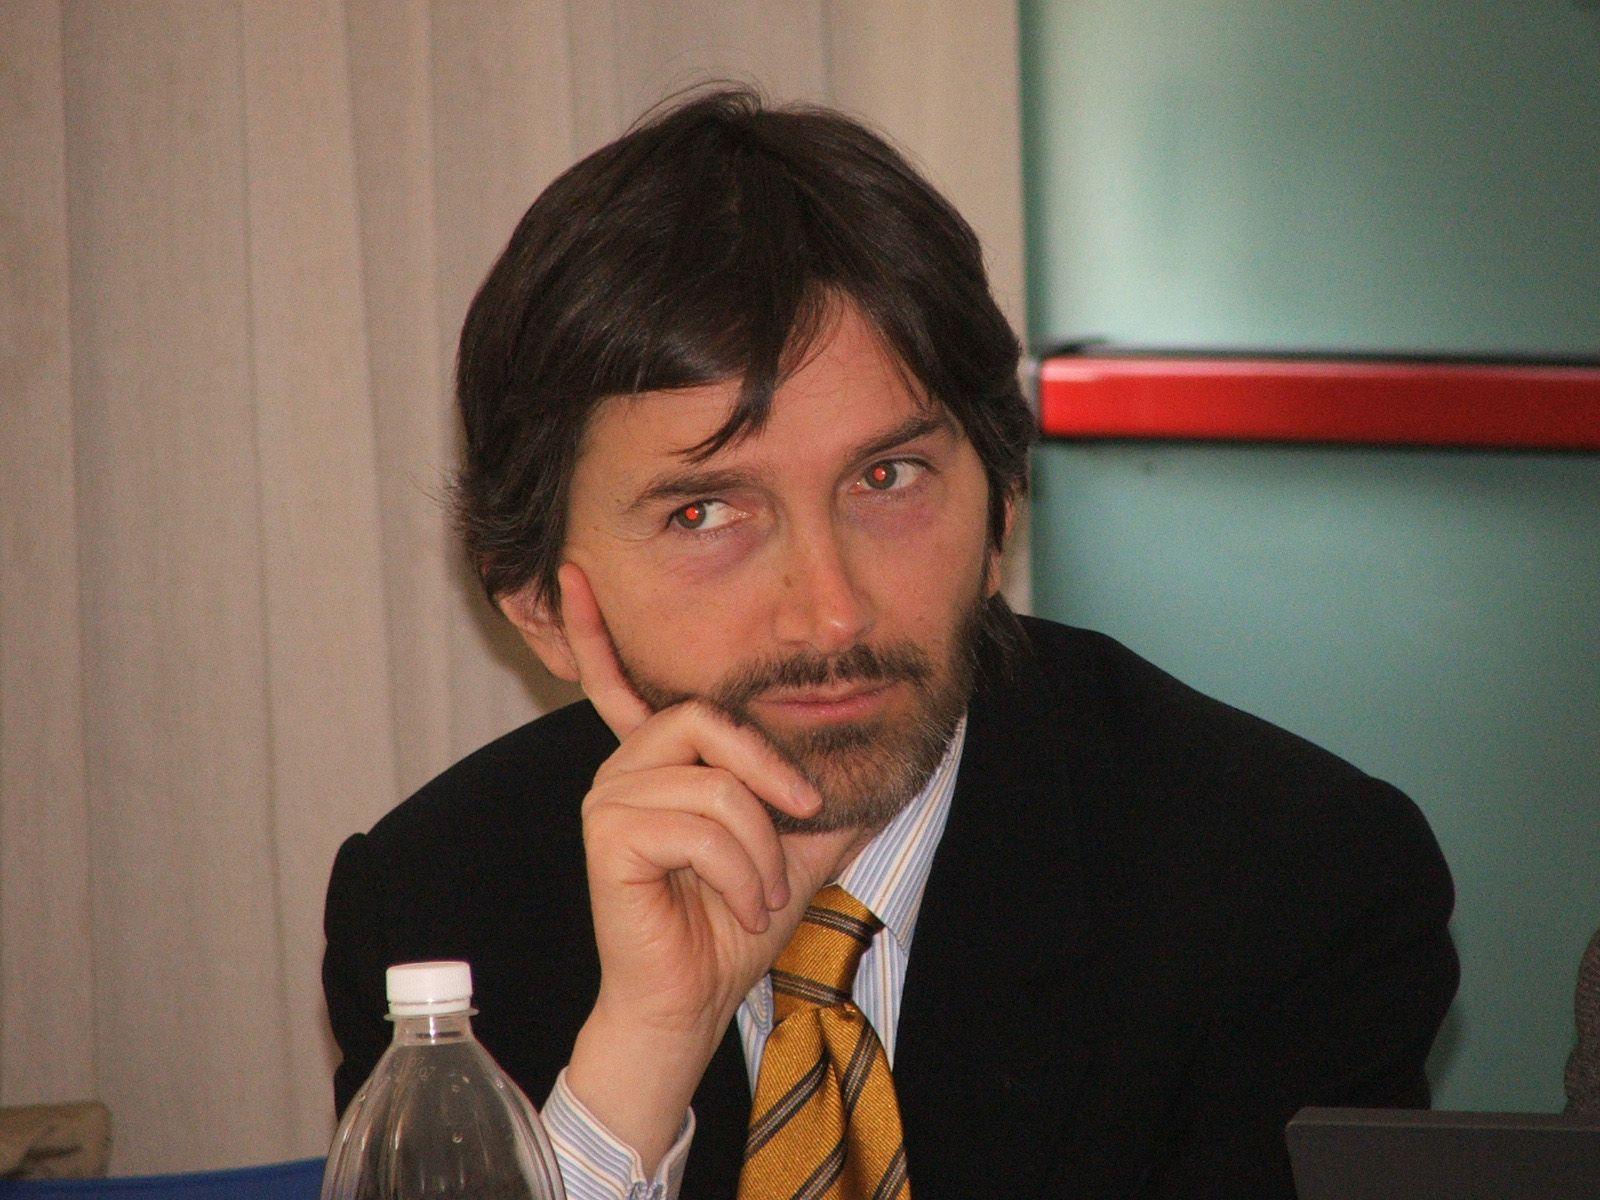 ADDIO A BARREA - Borgaro in lacrime, il cordoglio del mondo politico e della sindaca Appendino